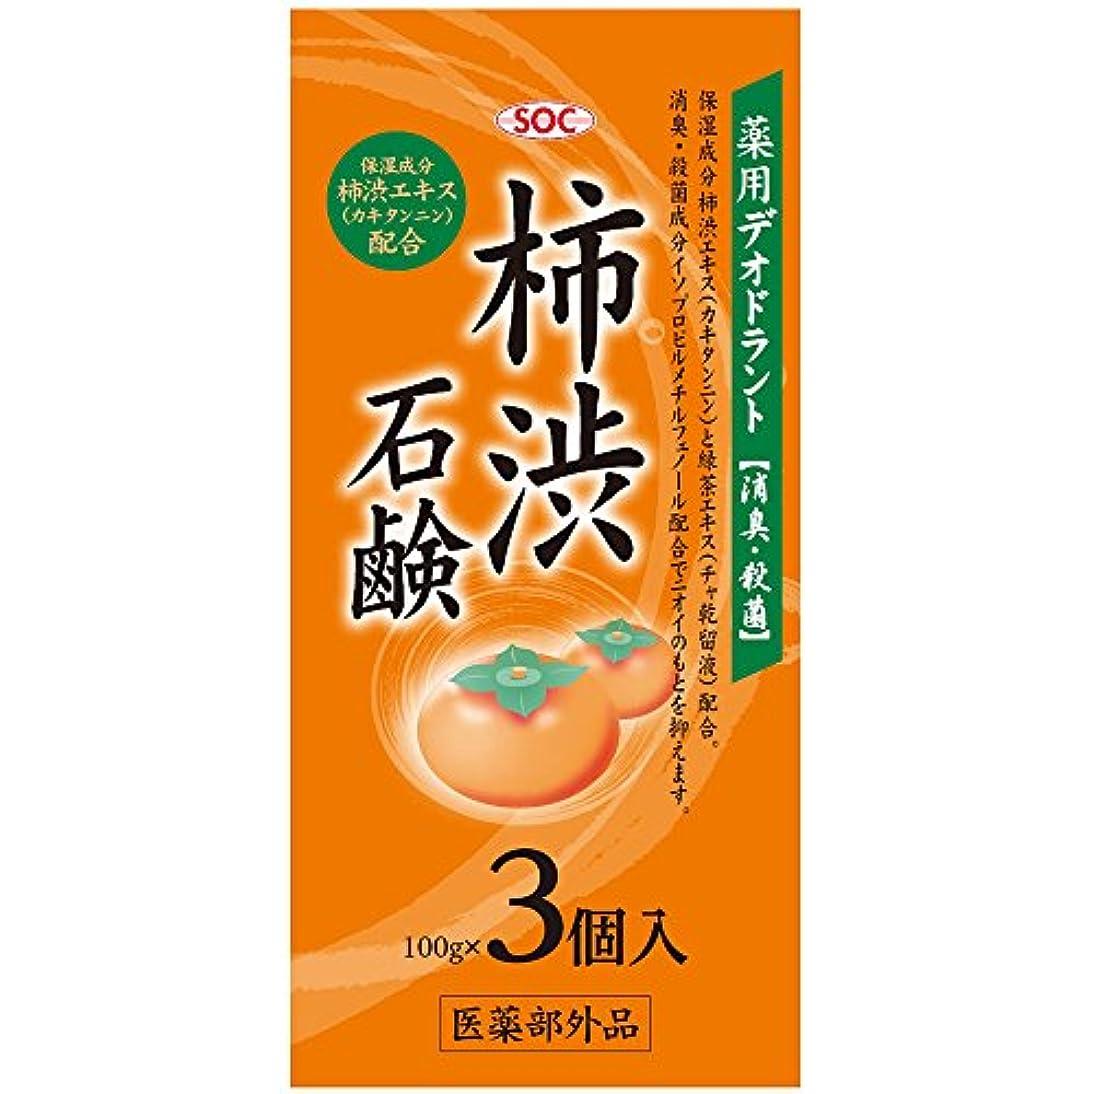 に負ける影響するロビーSOC 薬用柿渋石鹸 3P (100g×3)